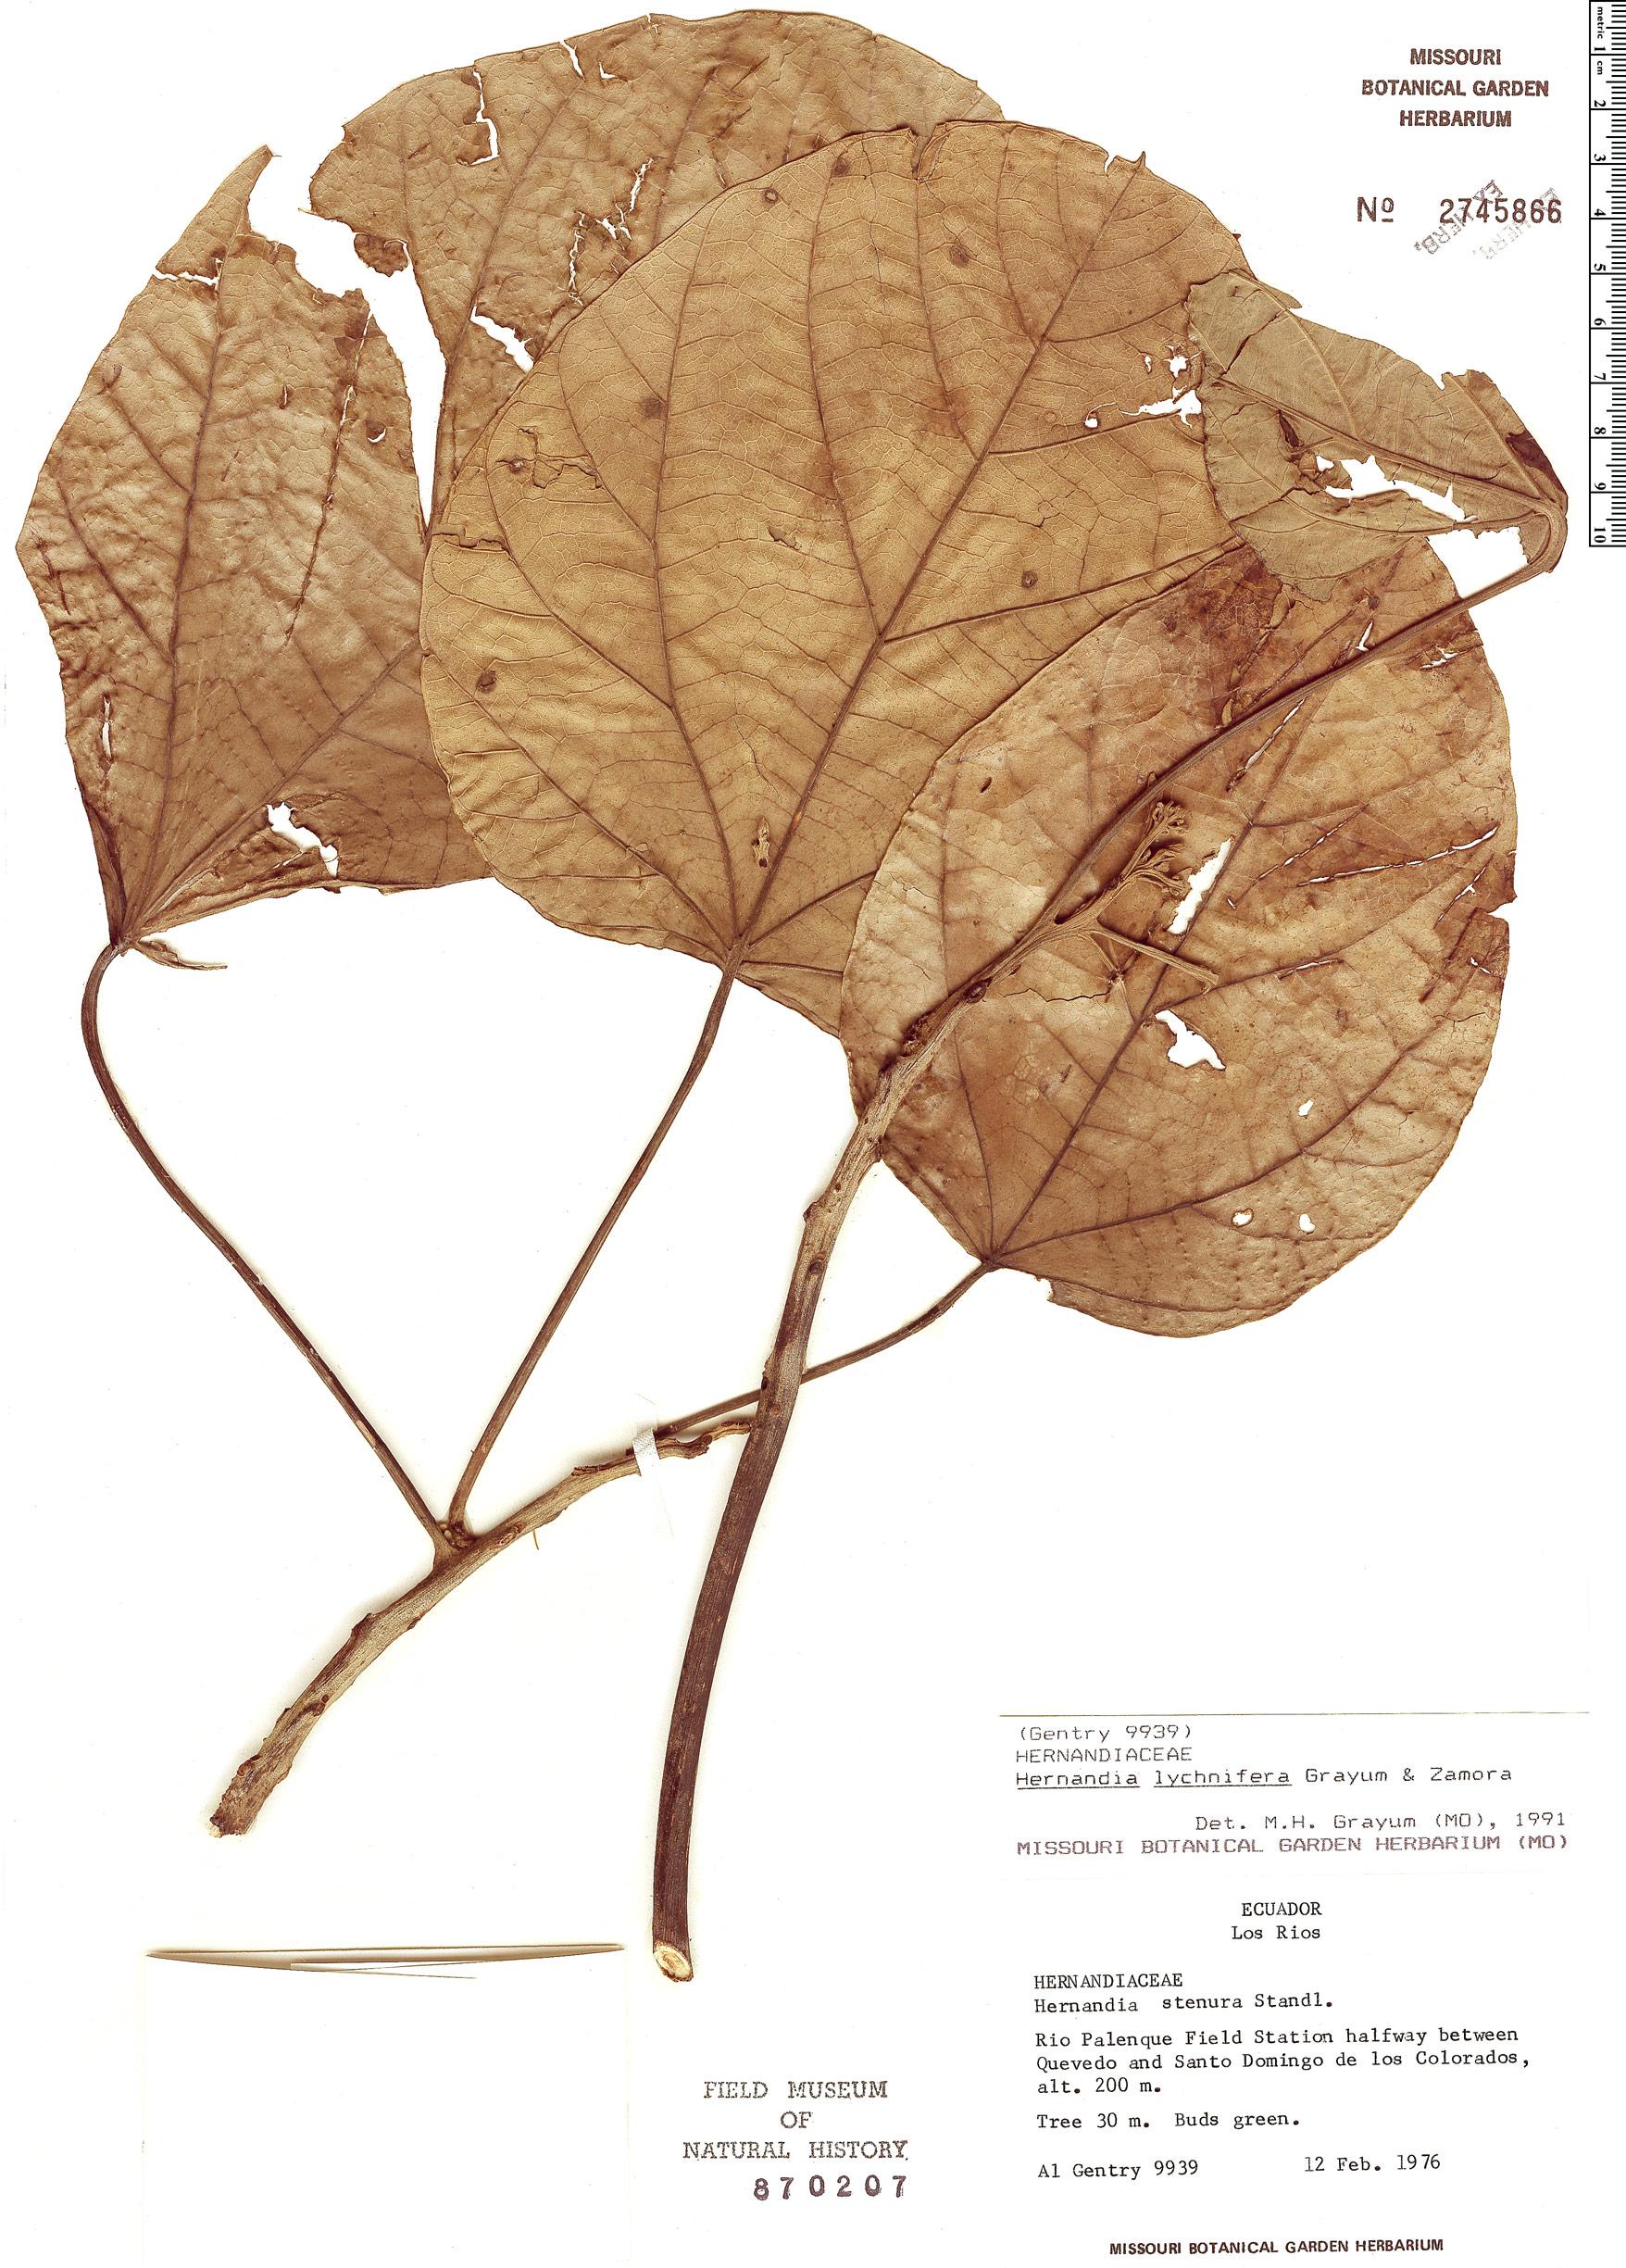 Specimen: Hernandia lychnifera